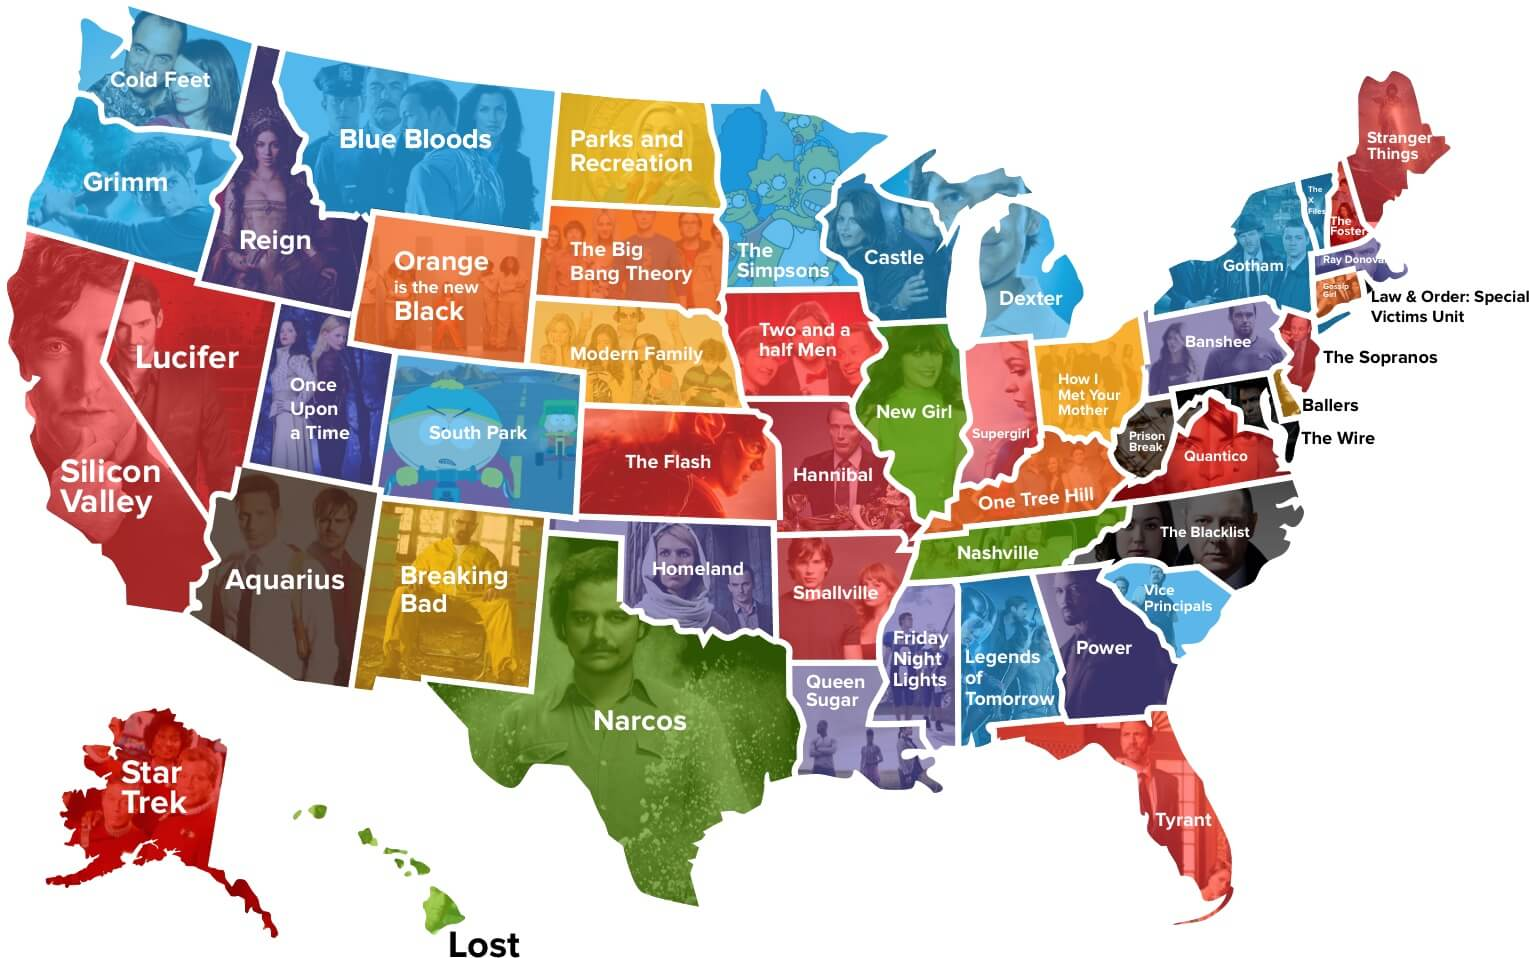 Un estudio revela cuáles son las series favoritas en Estados Unidos ...